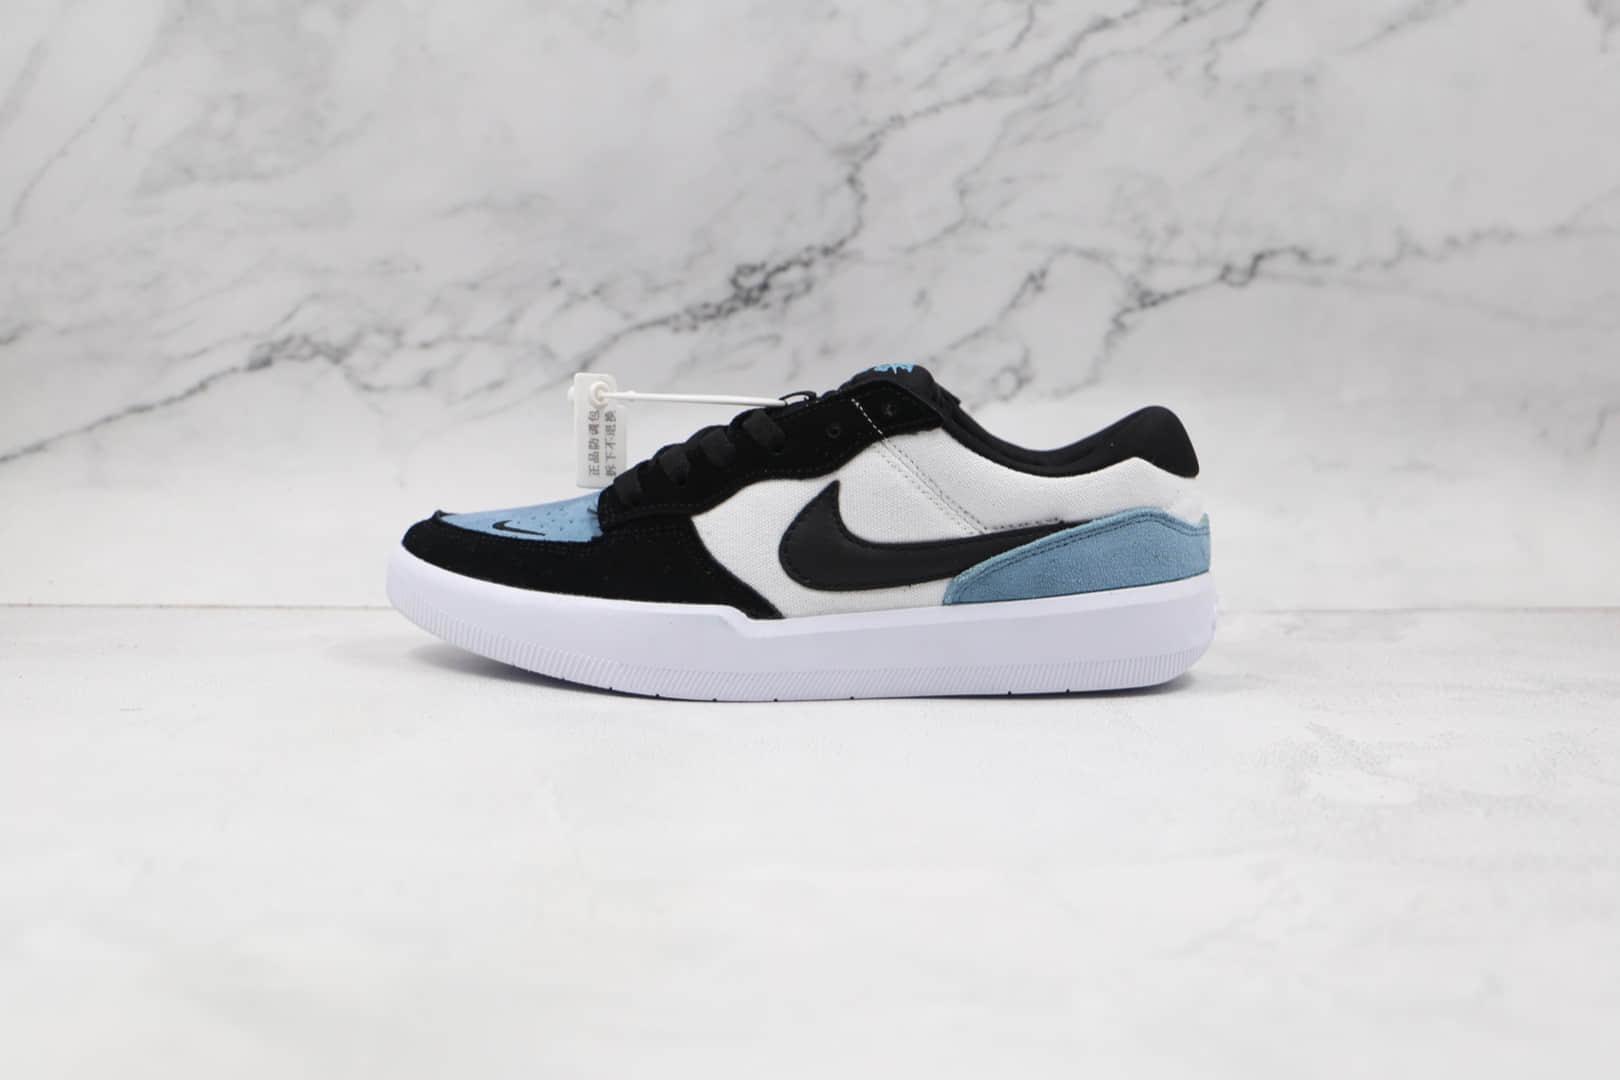 耐克Nike SB Force 58系列纯原版本白蓝色滑板鞋原档案数据开发 货号:CZ2959-400